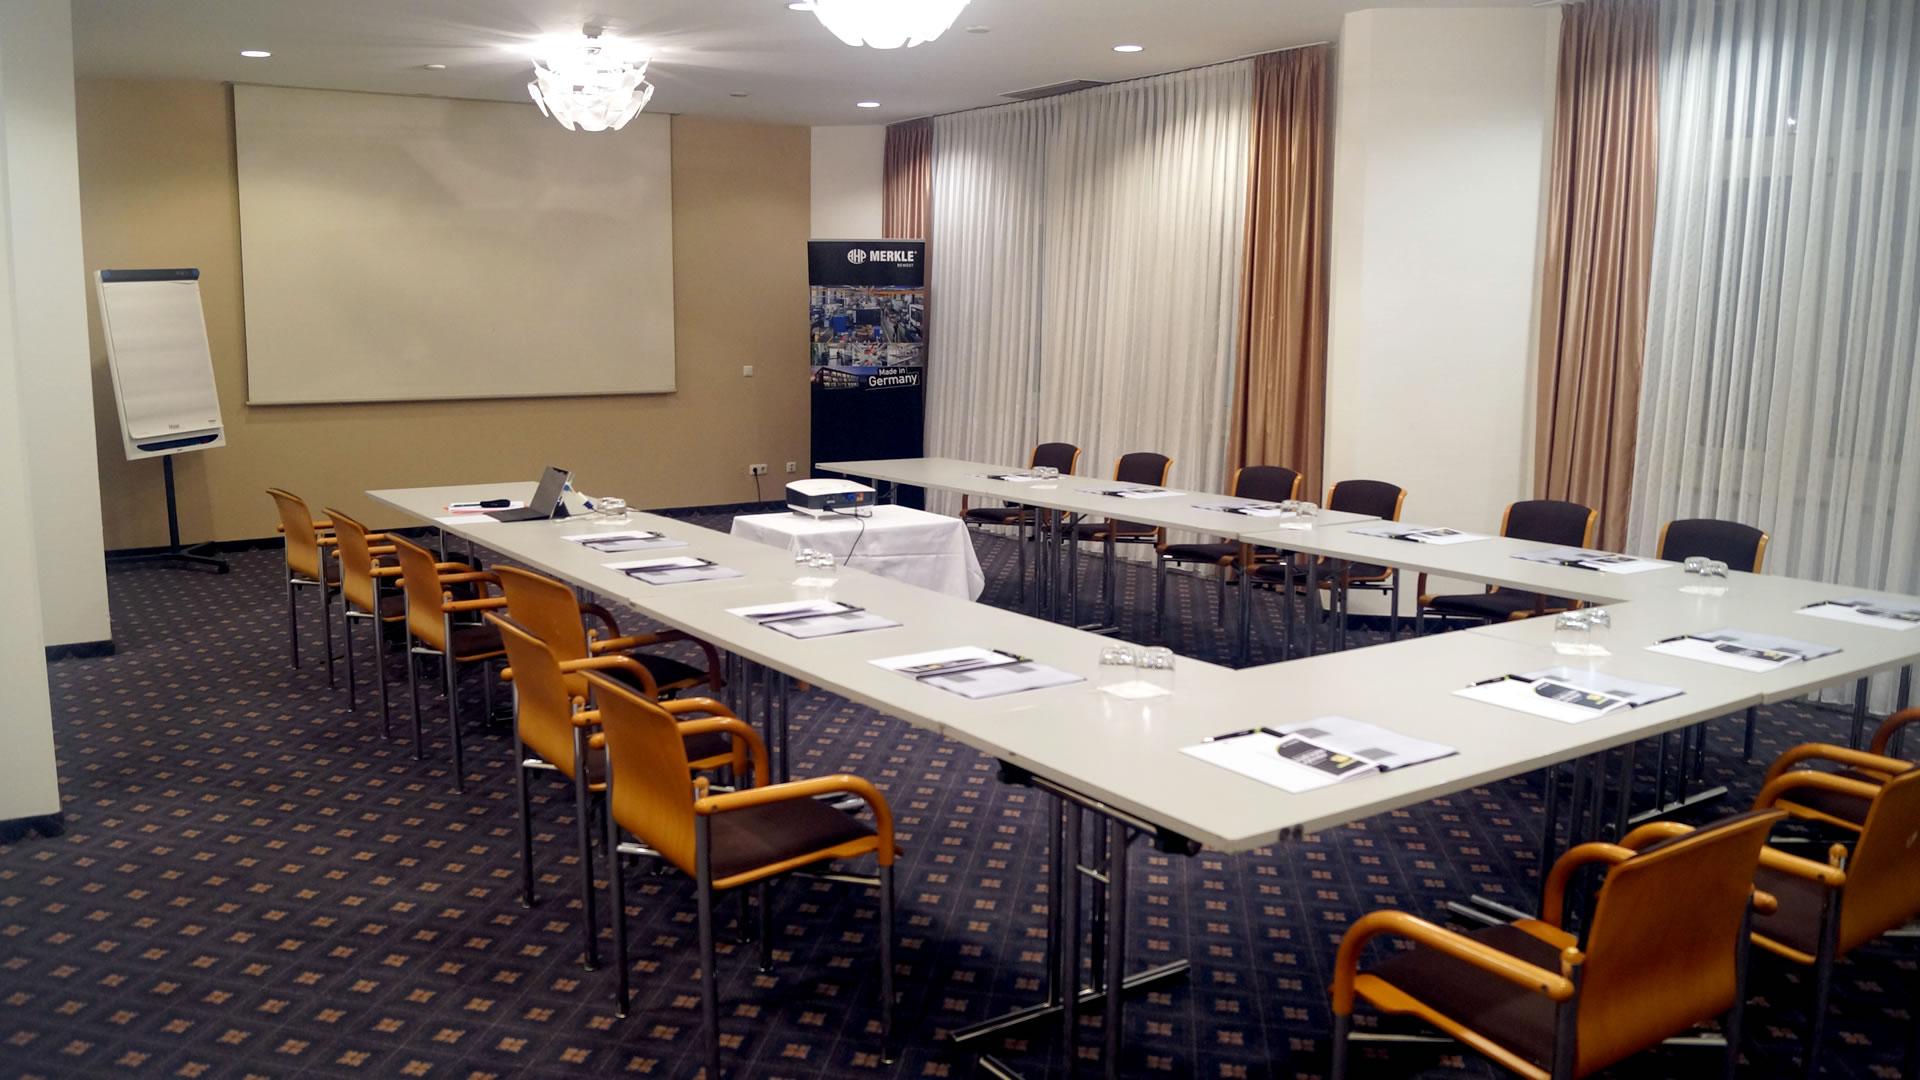 Seminarraum im Parkhotel Styria in Steyr